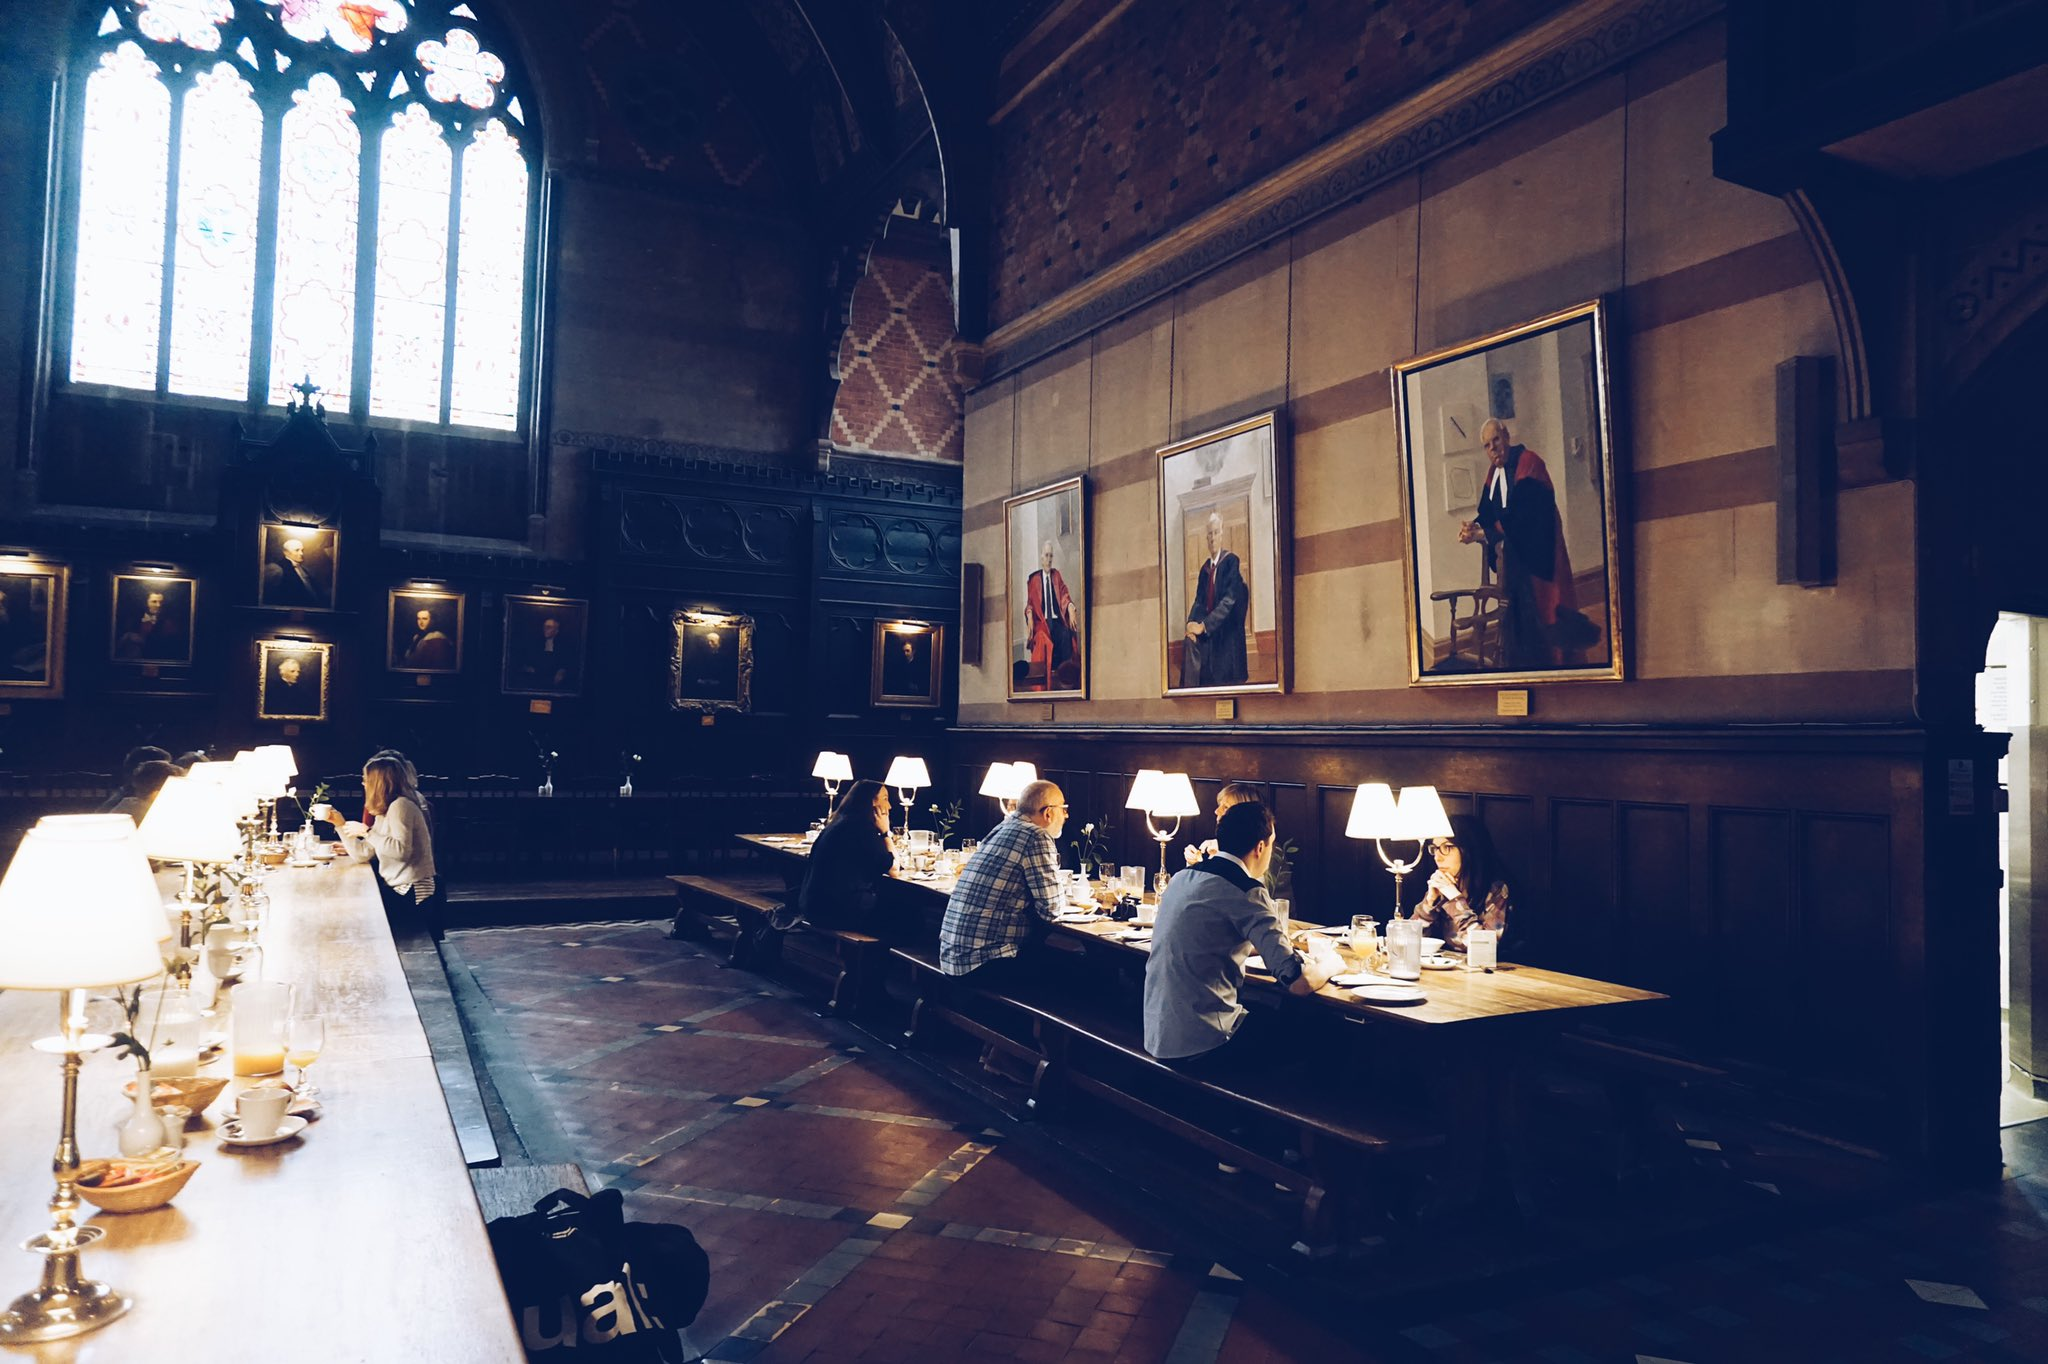 まるでハリーポッターの世界?イギリスのオックスフォード大学の寮に泊まることができる!